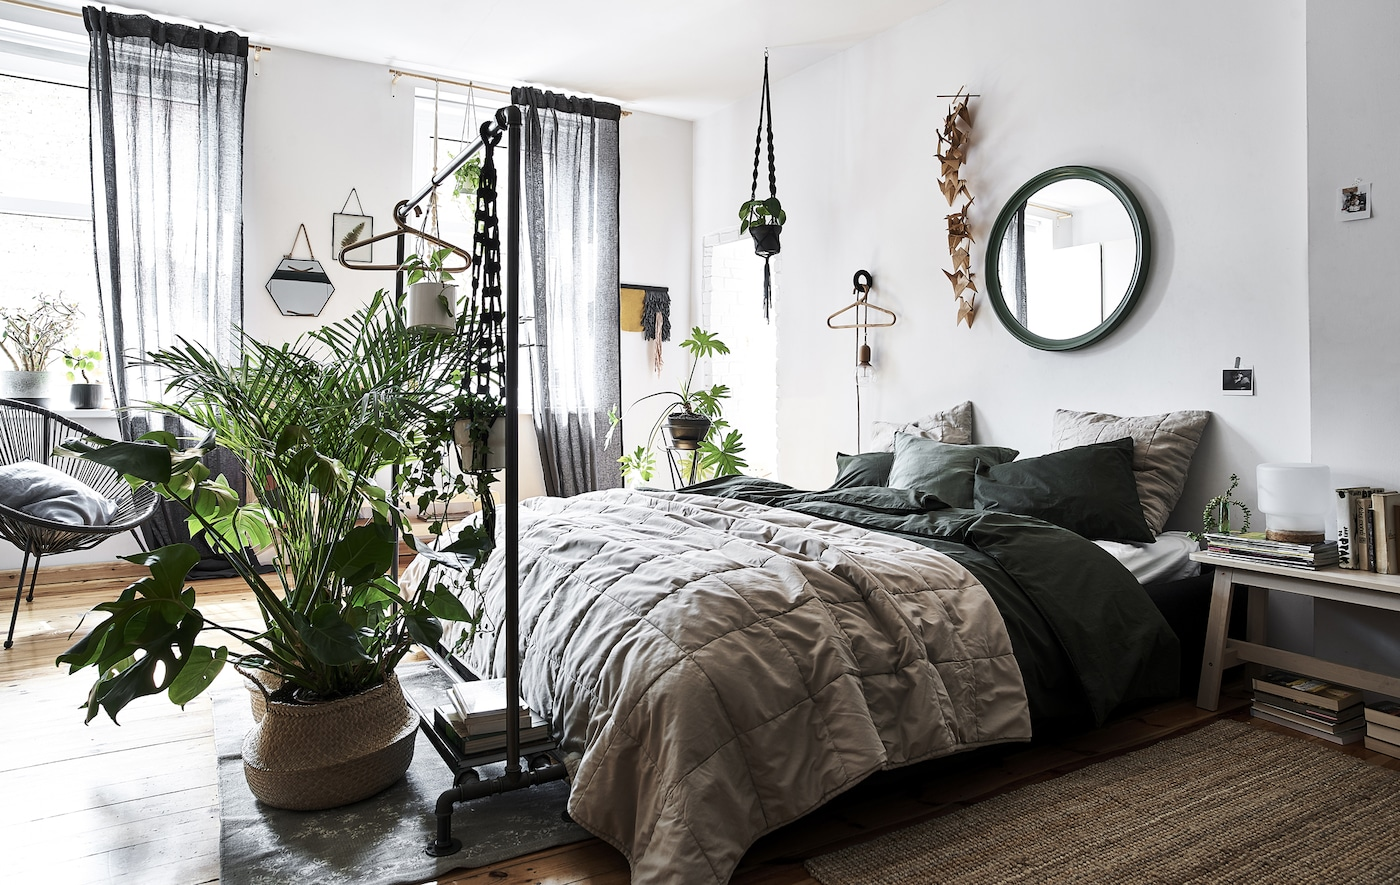 Stanza Da Letto Ikea : Camere da letto ikea per sognare a occhi aperti ikea